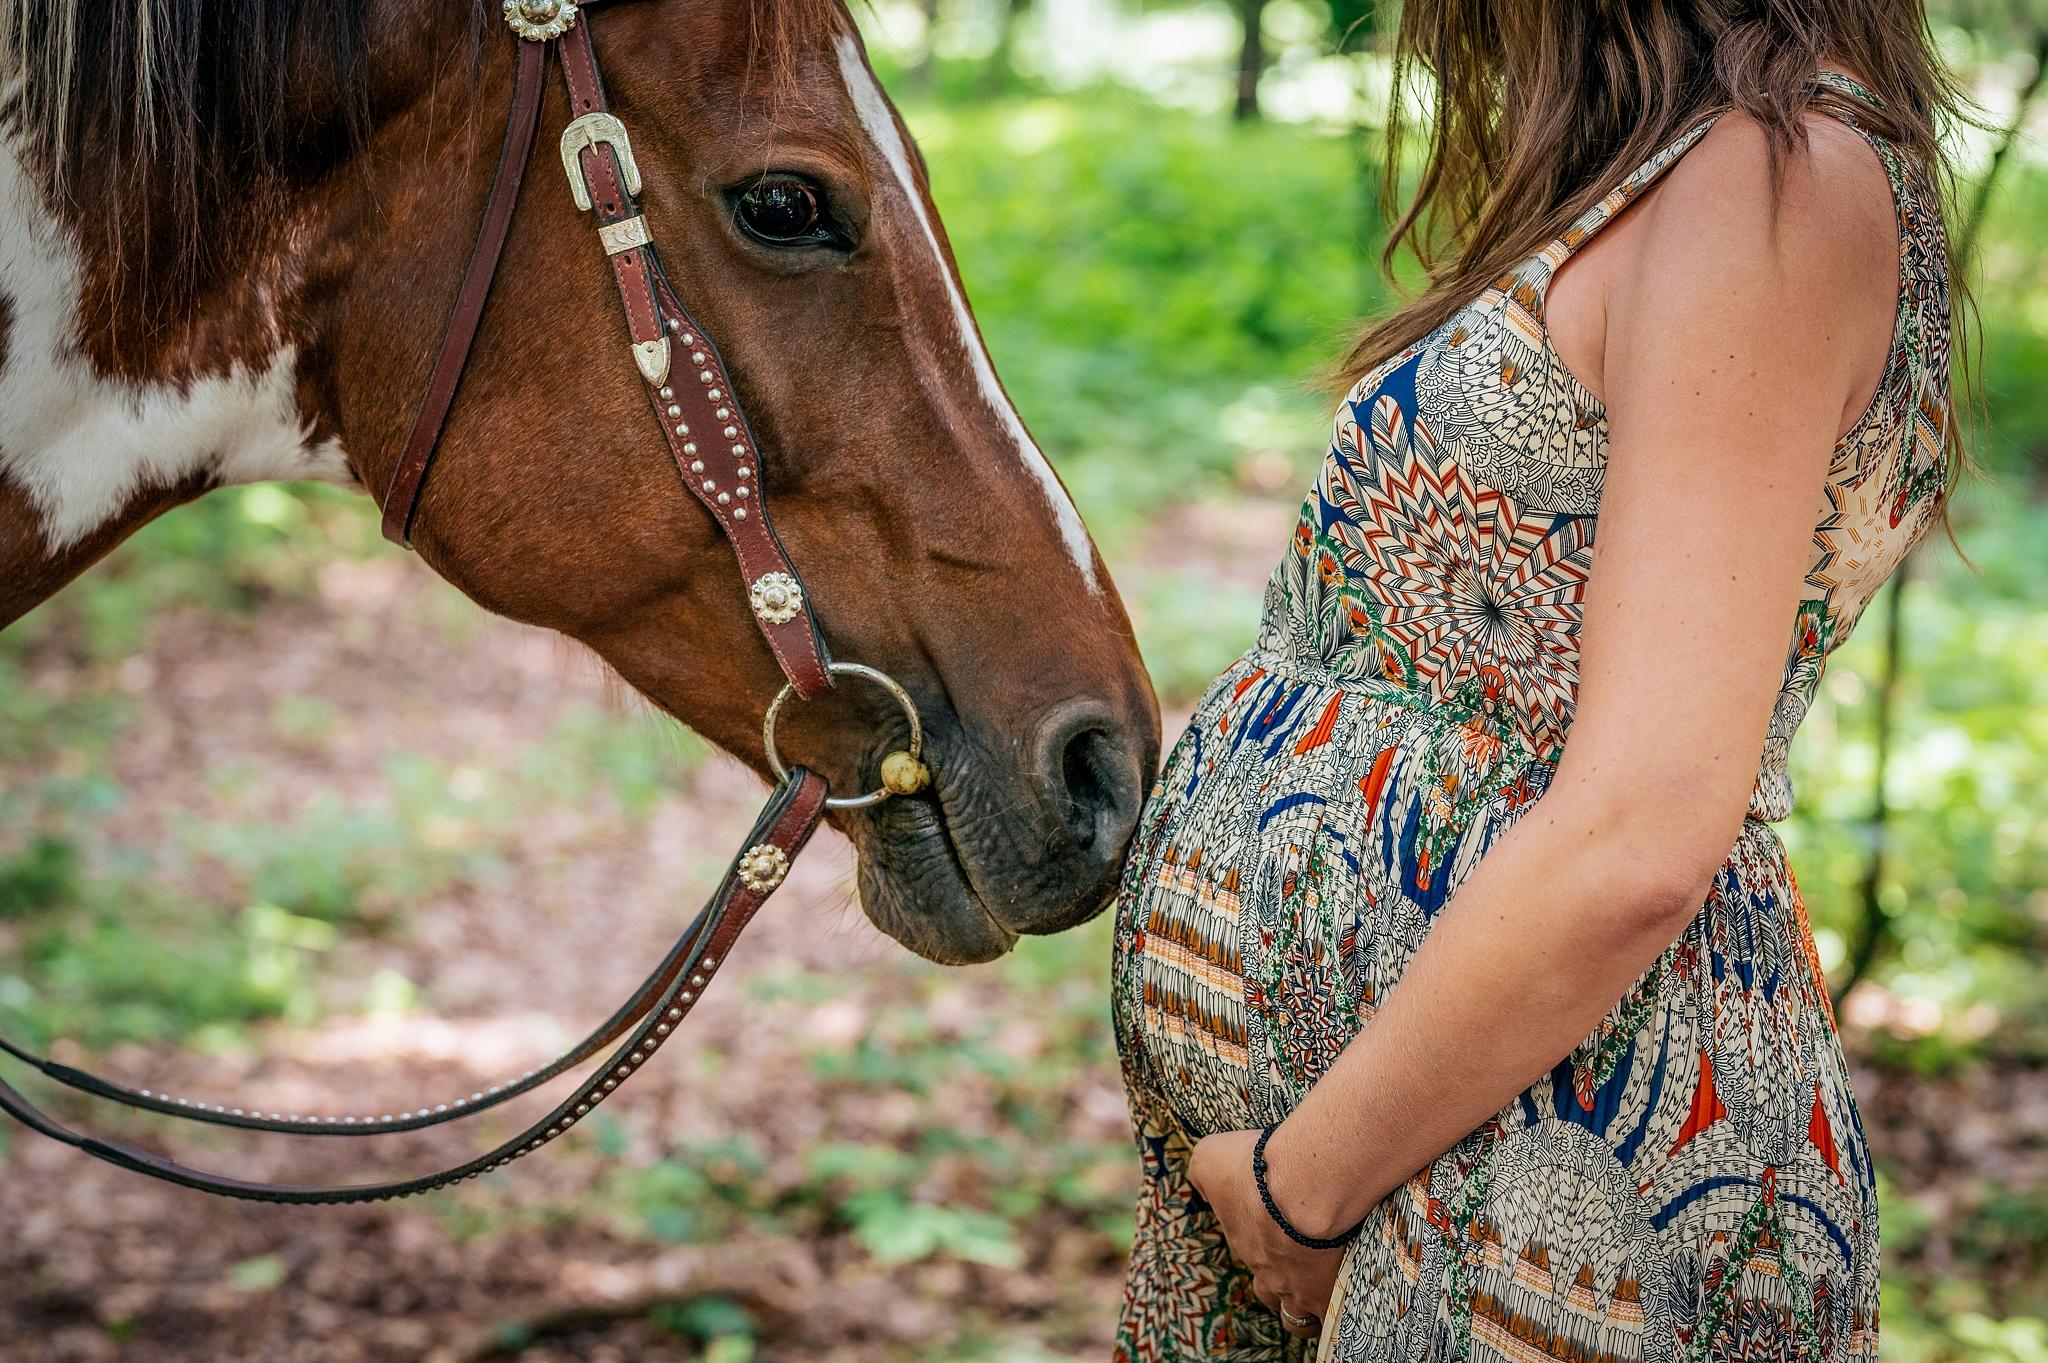 Schwangerschaftsfotografie - Planen Sie, beziehen Sie Ihre Familie mit ein und wählen Sie die richtigen Posen